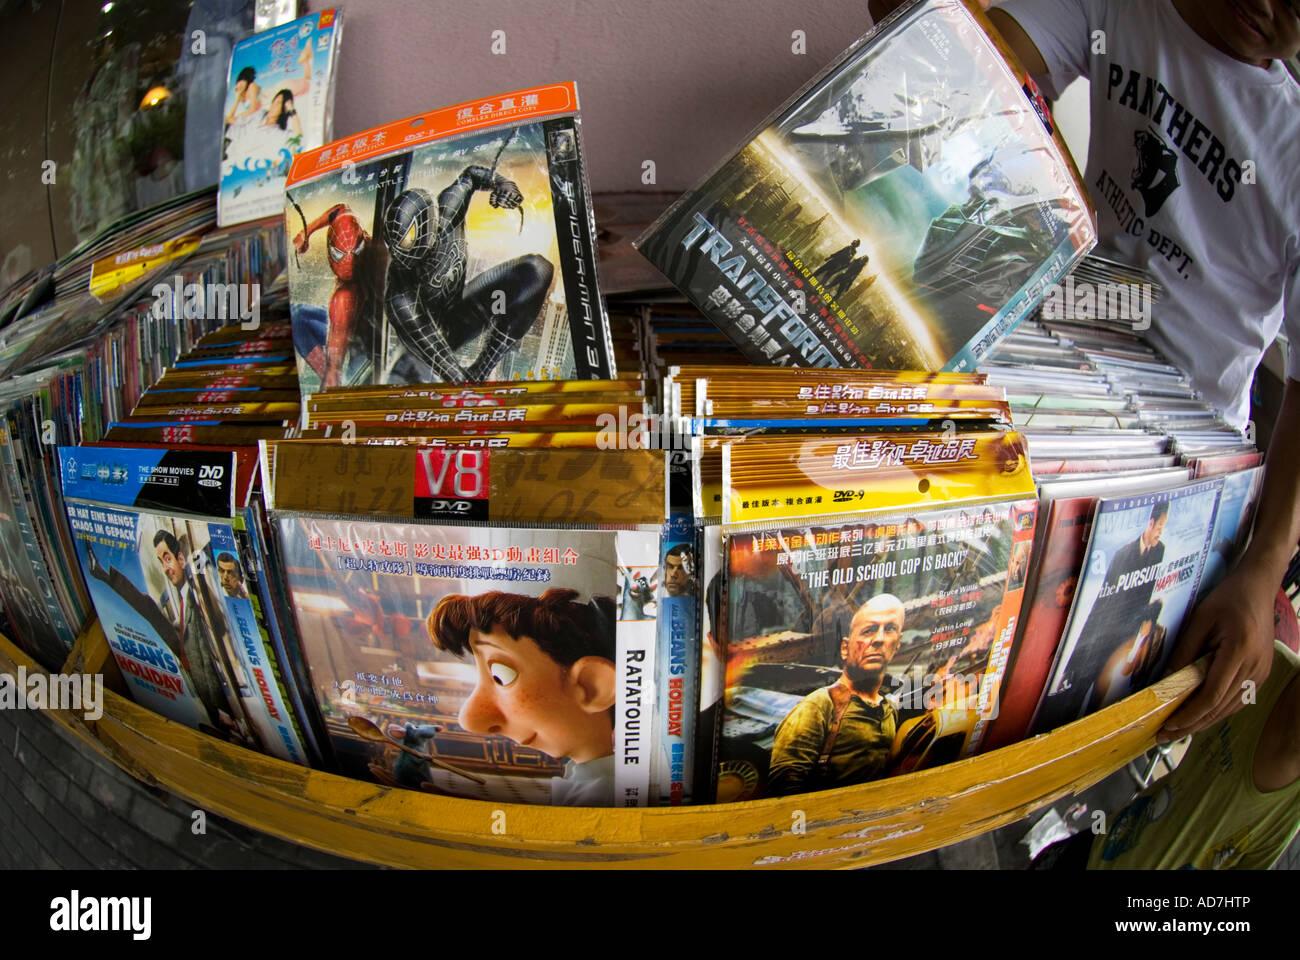 Gefälschte DVDs zum Verkauf auf einem Stand am Shanghai Street 2007 Stockbild